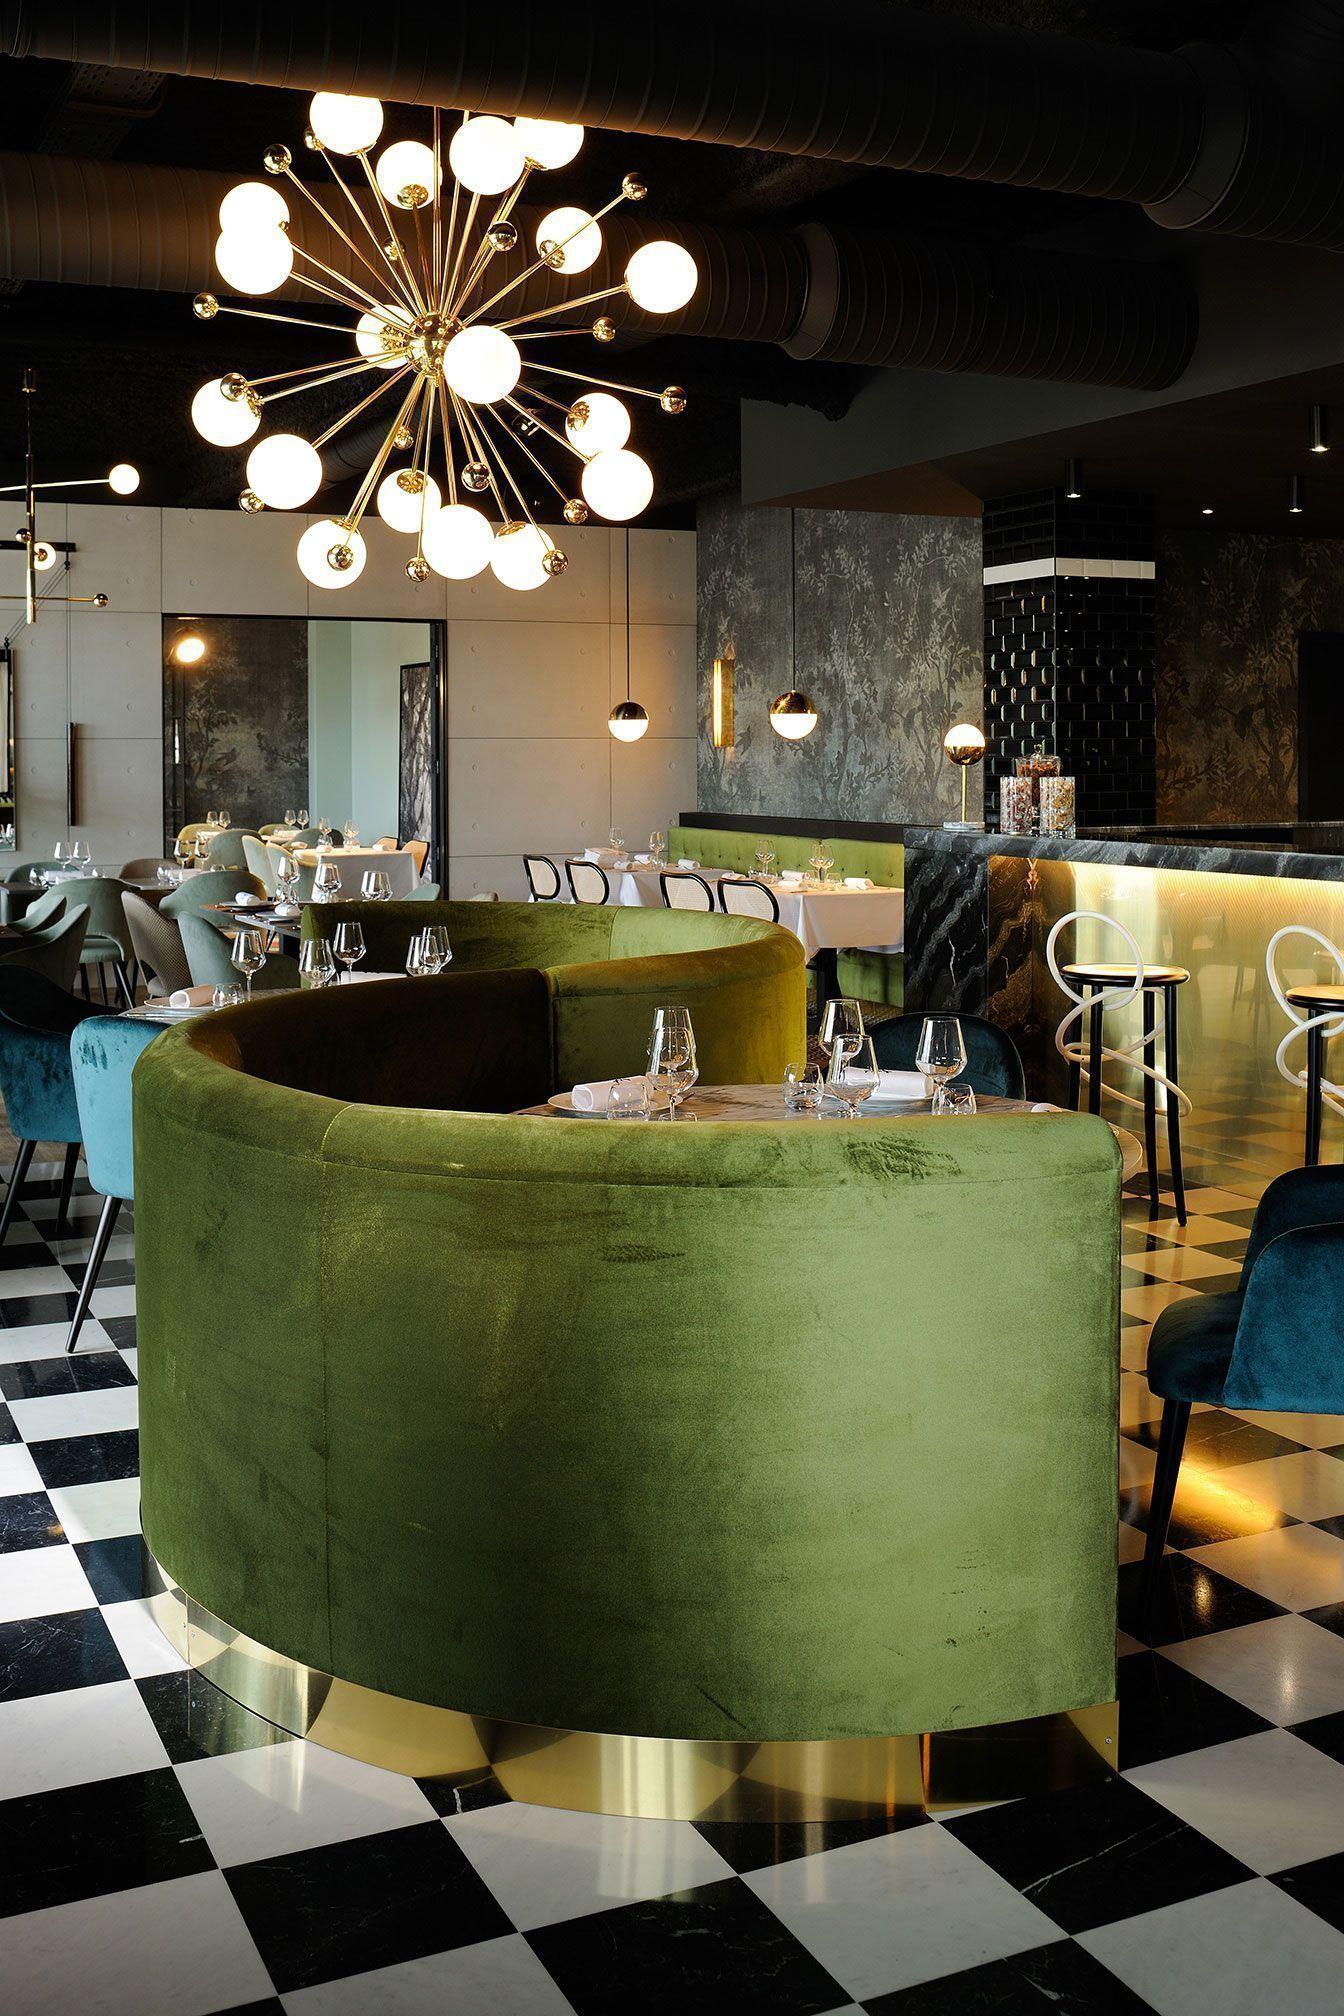 Candeeiros quiosque boas ideias iluminação do restaurante decoração de hotel design